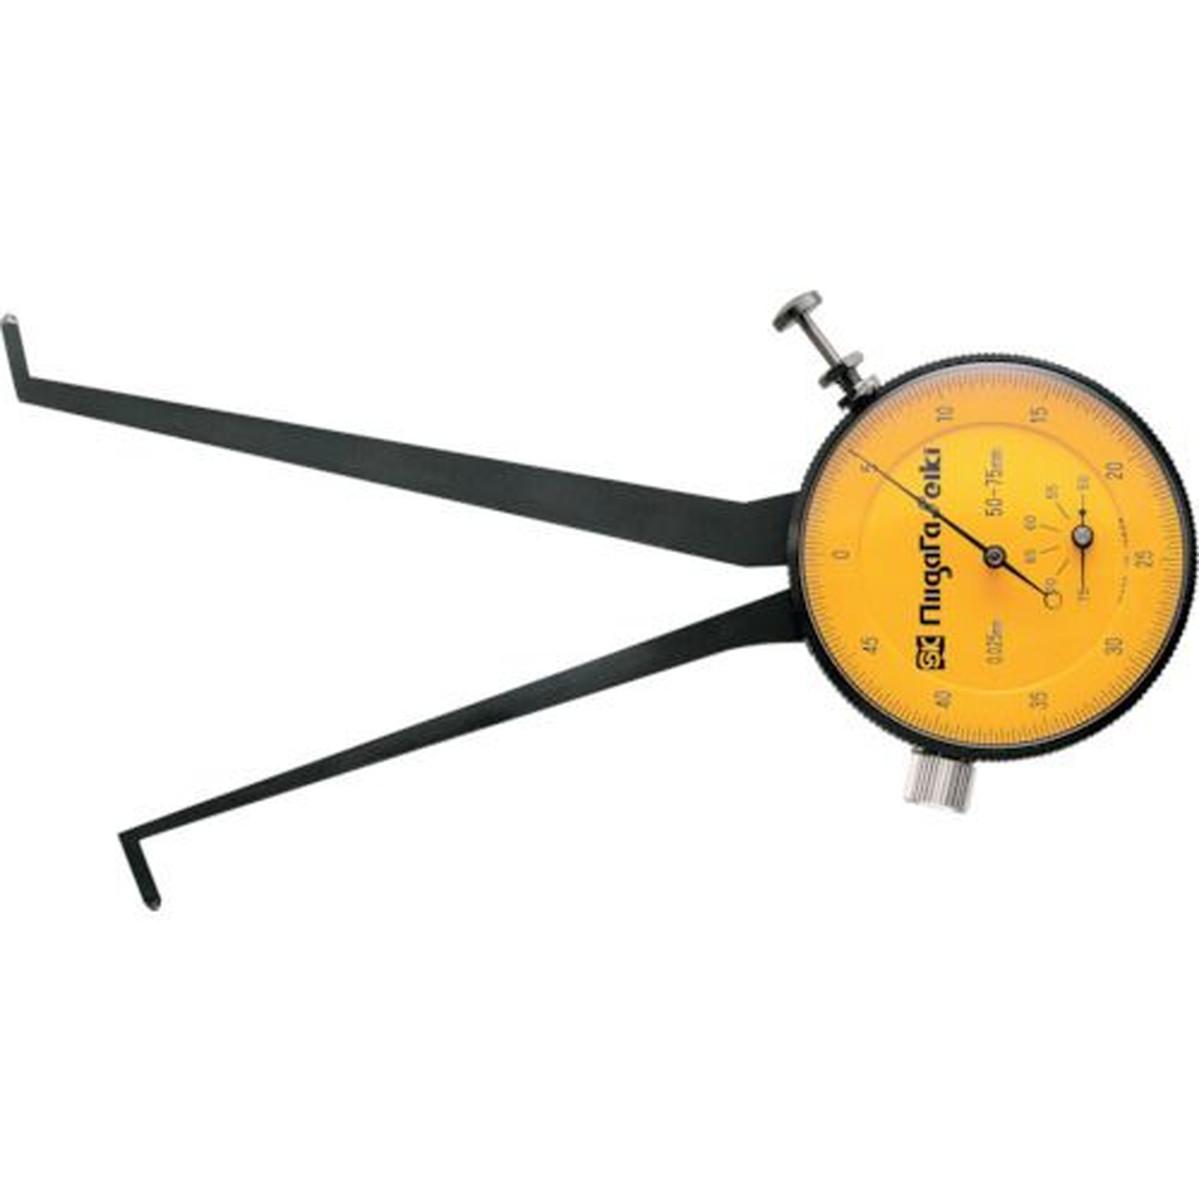 あす楽対応 DIY用品 SK ダイヤルキャリパゲージ 1個 測定範囲50~75mm 新作からSALEアイテム等お得な商品 満載 最小表示0.025mm 『1年保証』